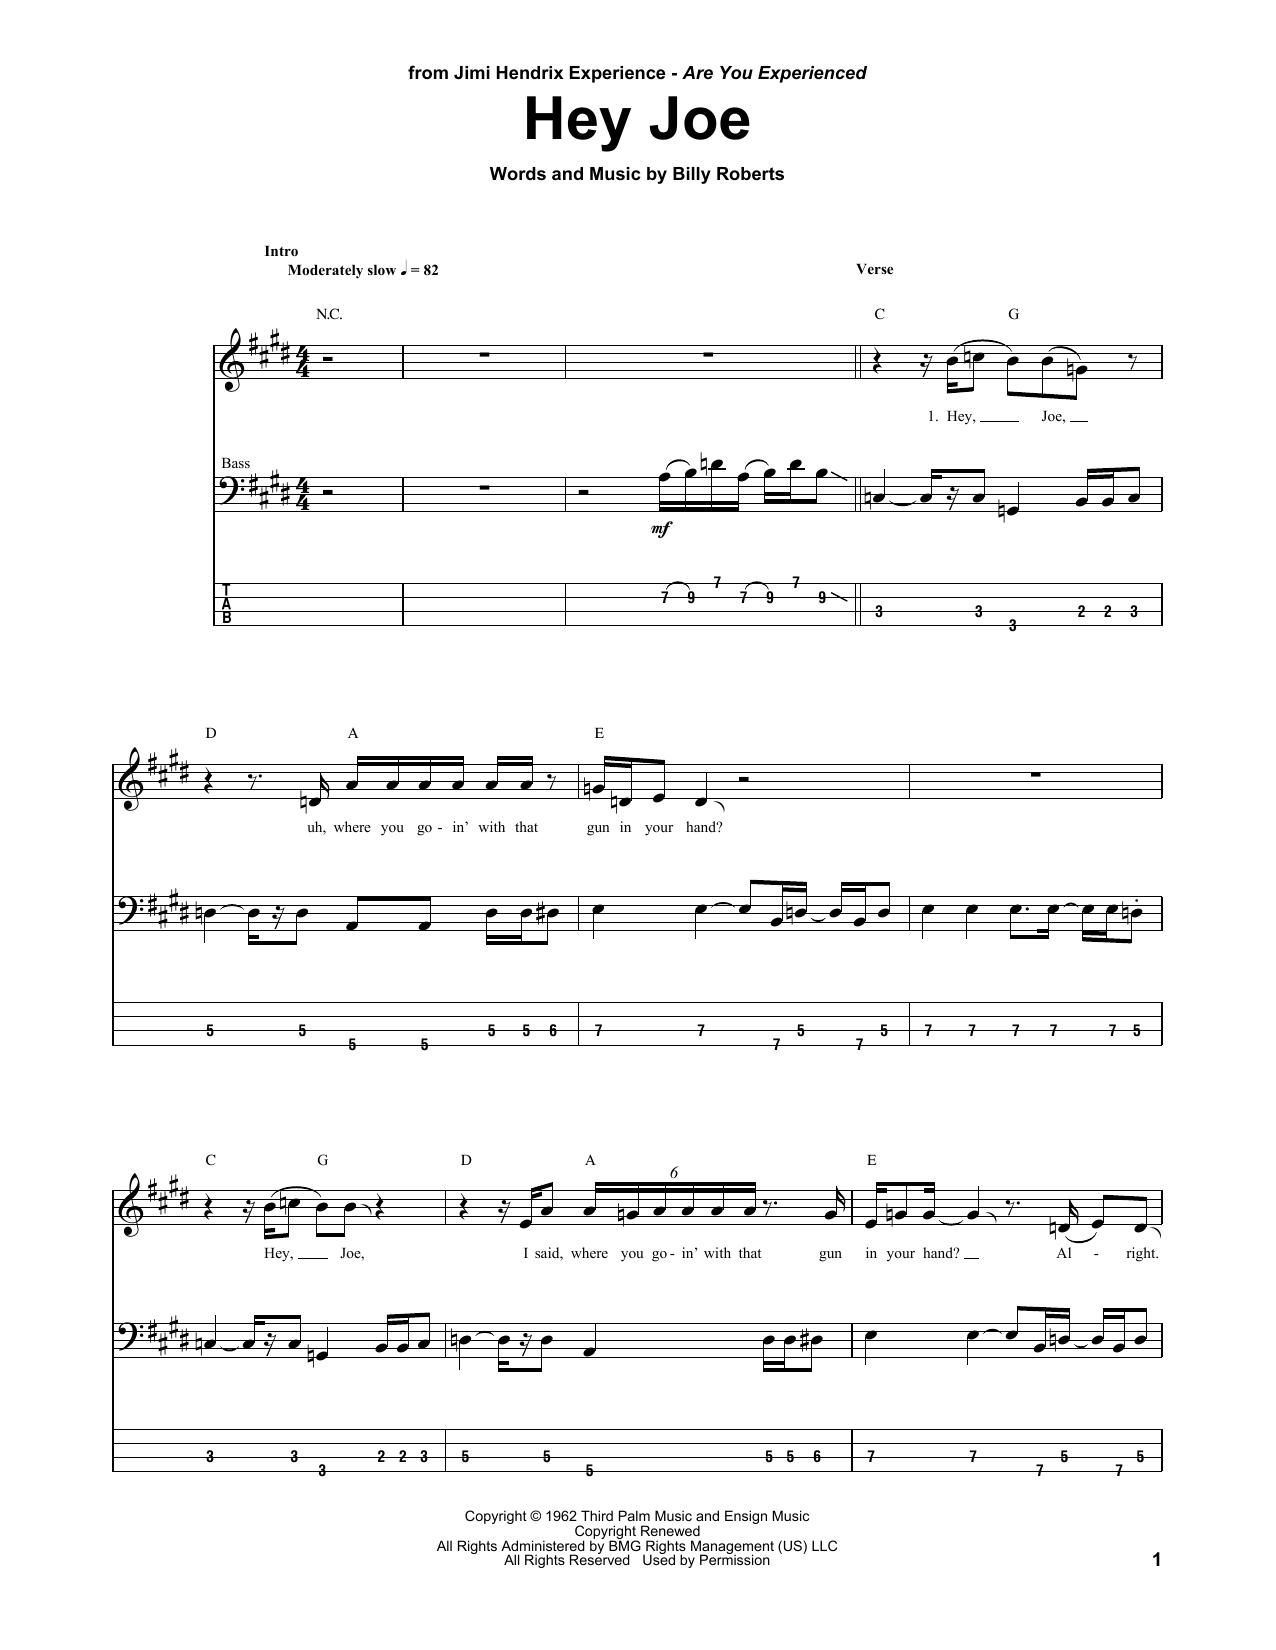 Jimi Hendrix - Little Wing Easy Tabs - AZ Chords